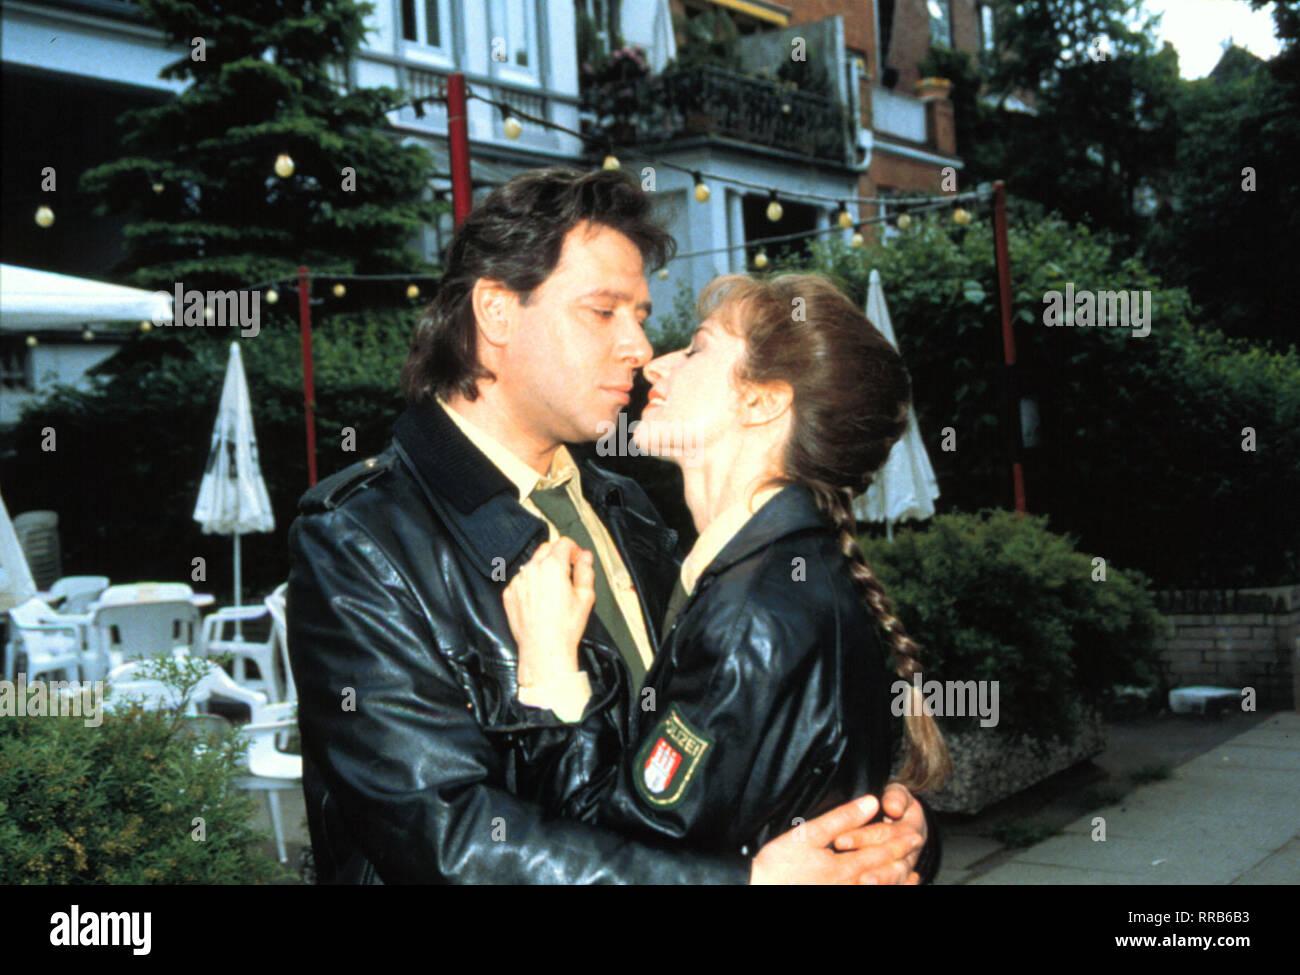 Ehe nicht datiert Kiss-Szenen